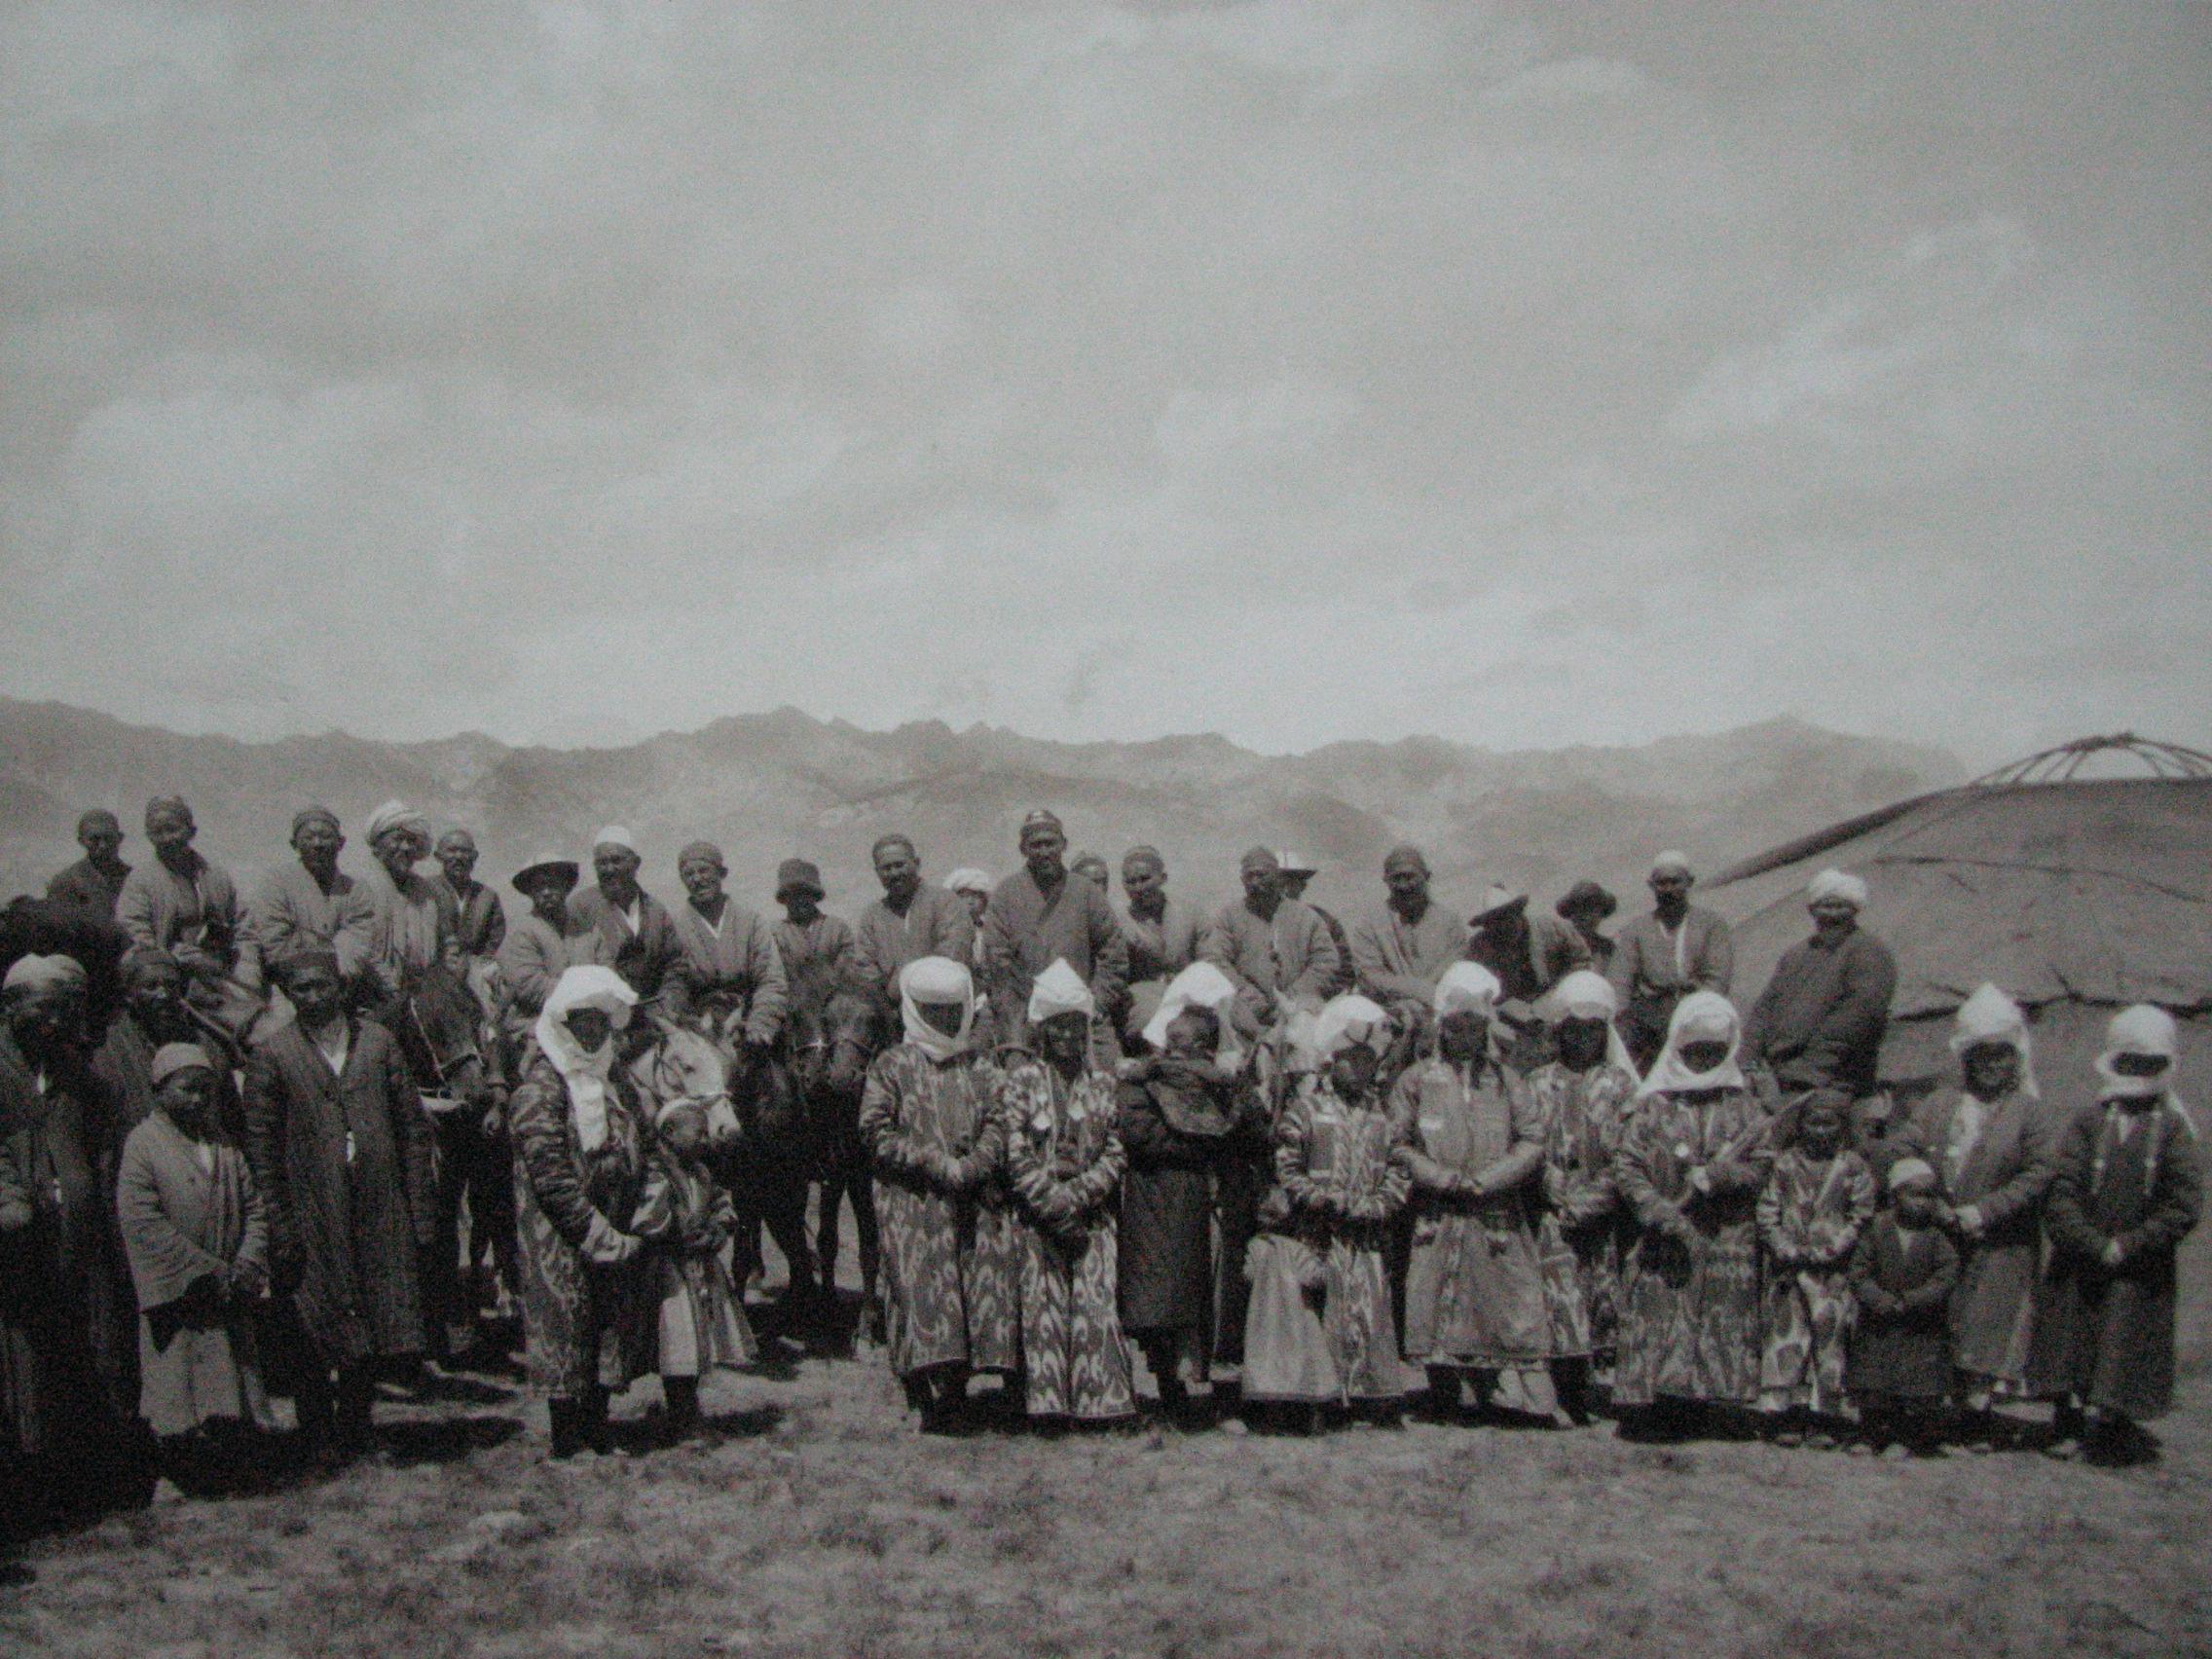 Алайские кыргызы. Фото: Карл Густав Маннергейм